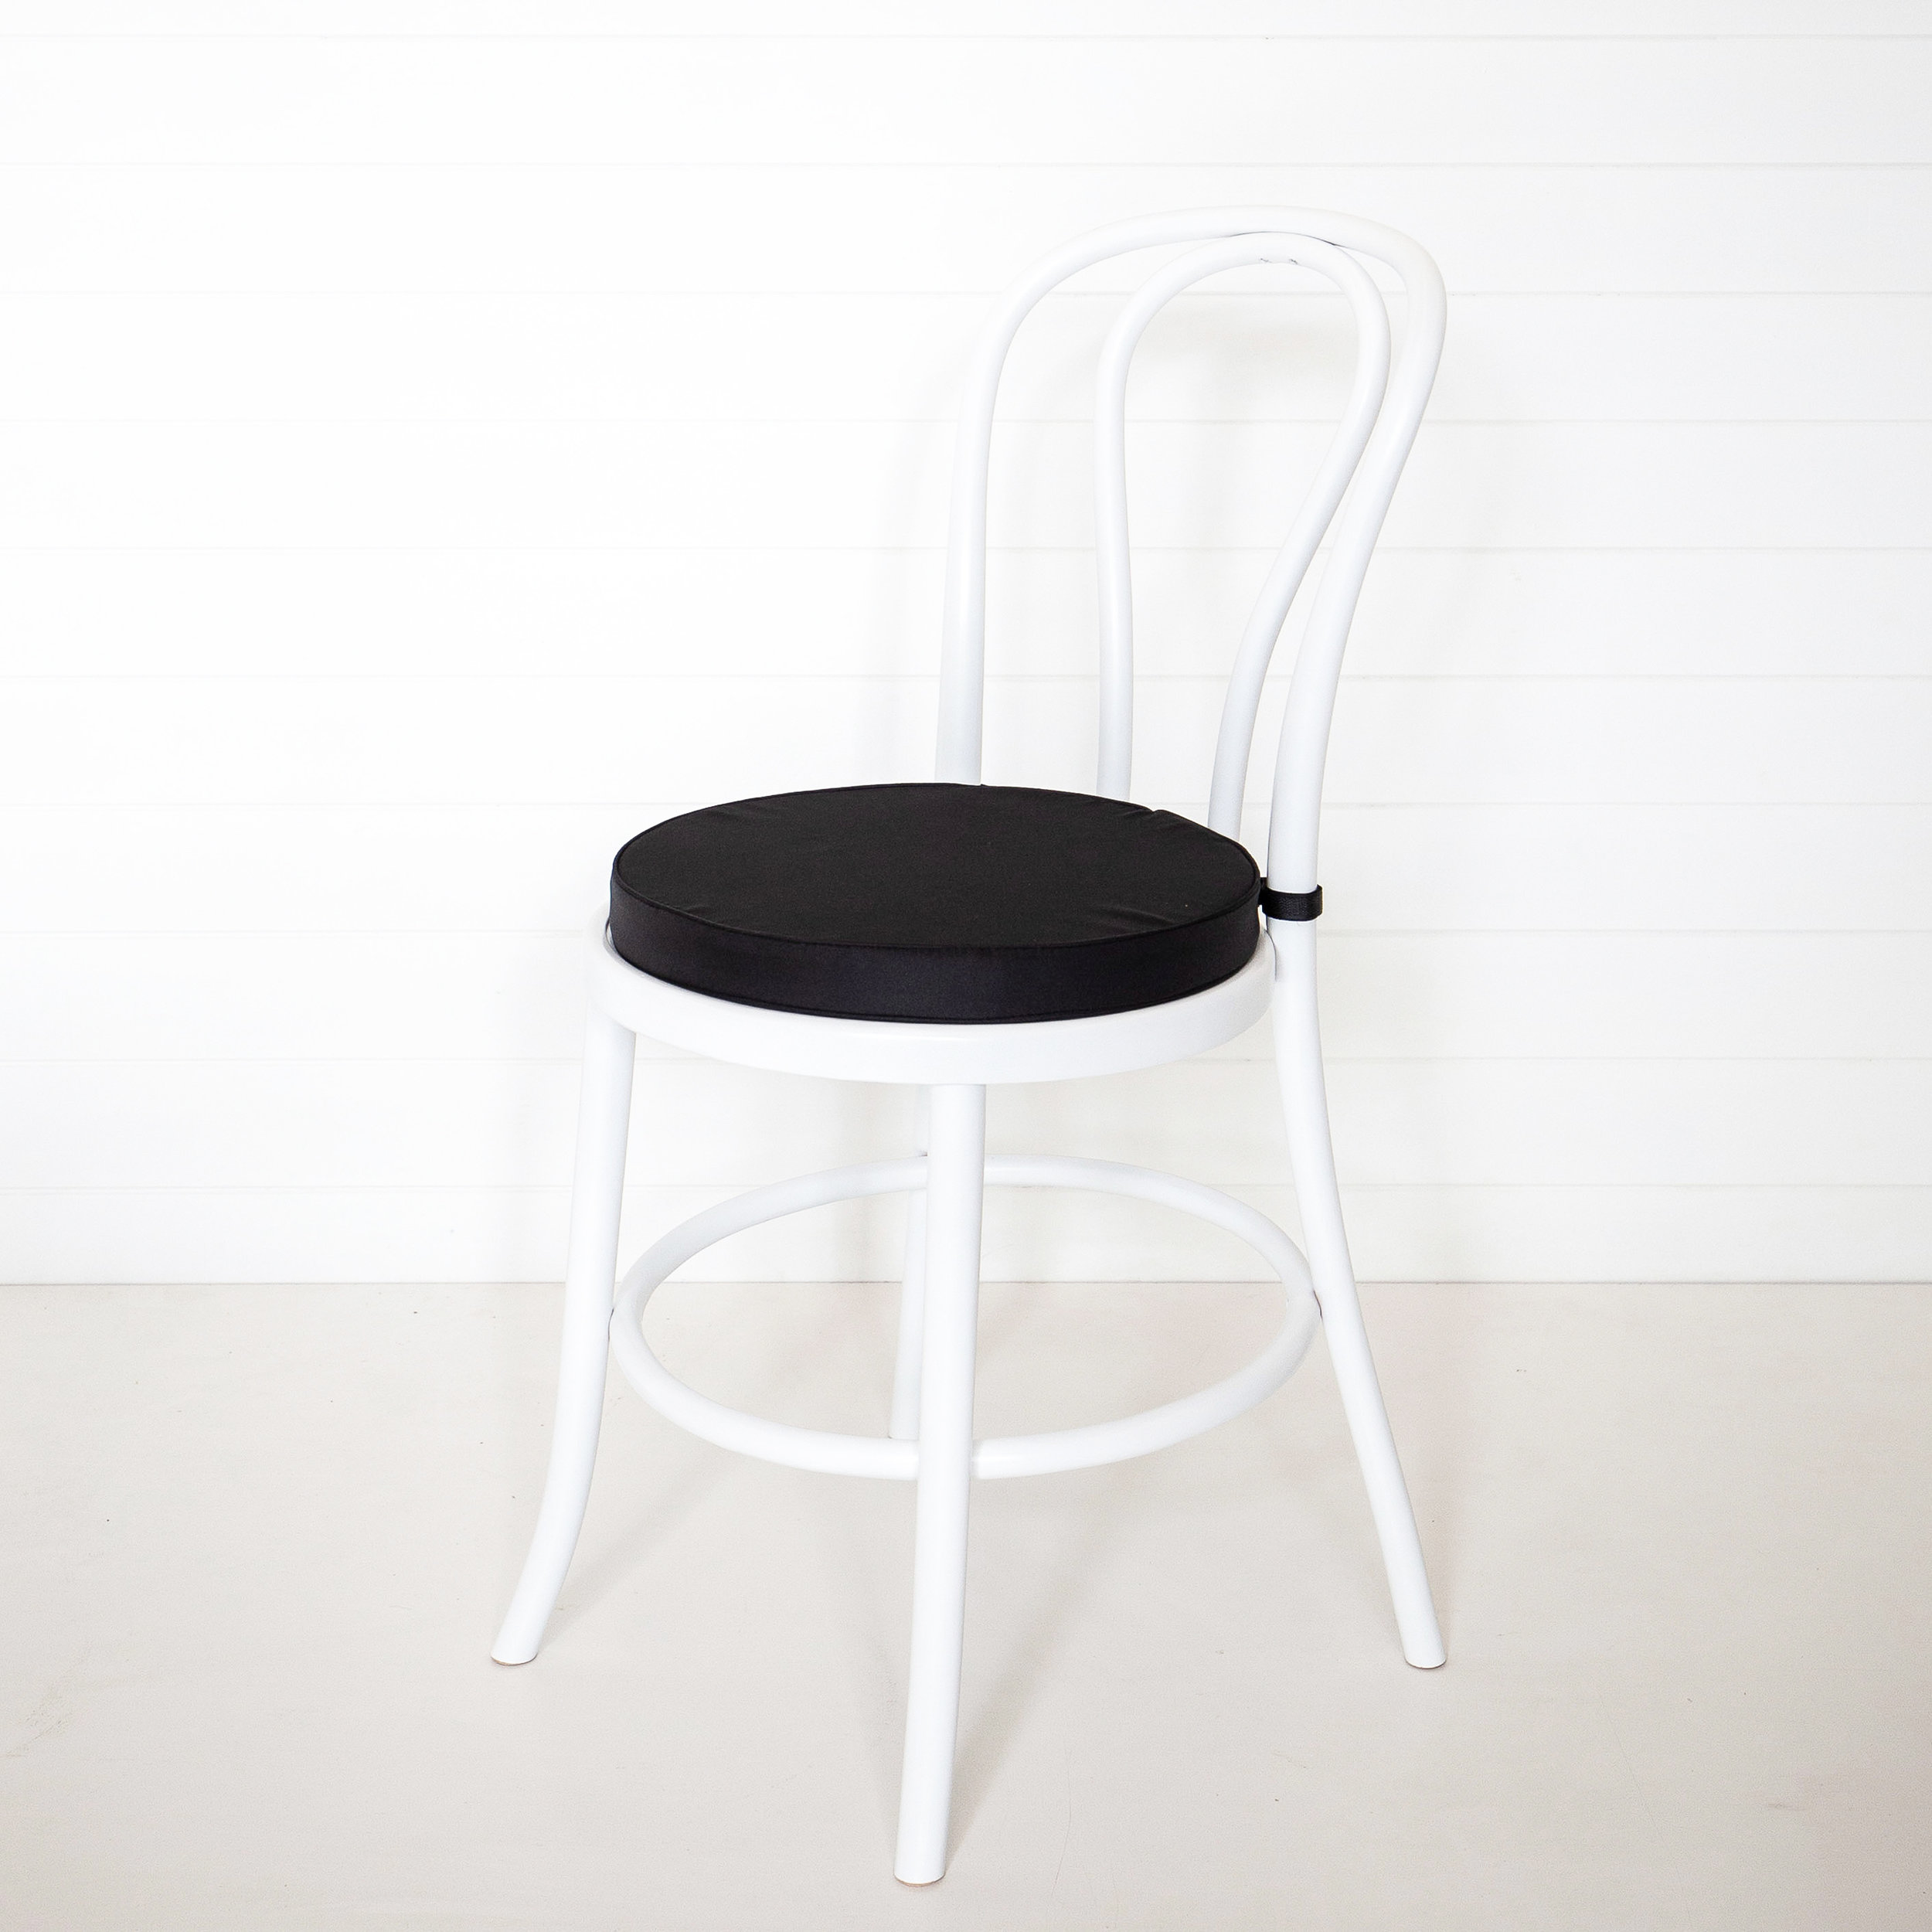 Black Bentwood Chair Cushion